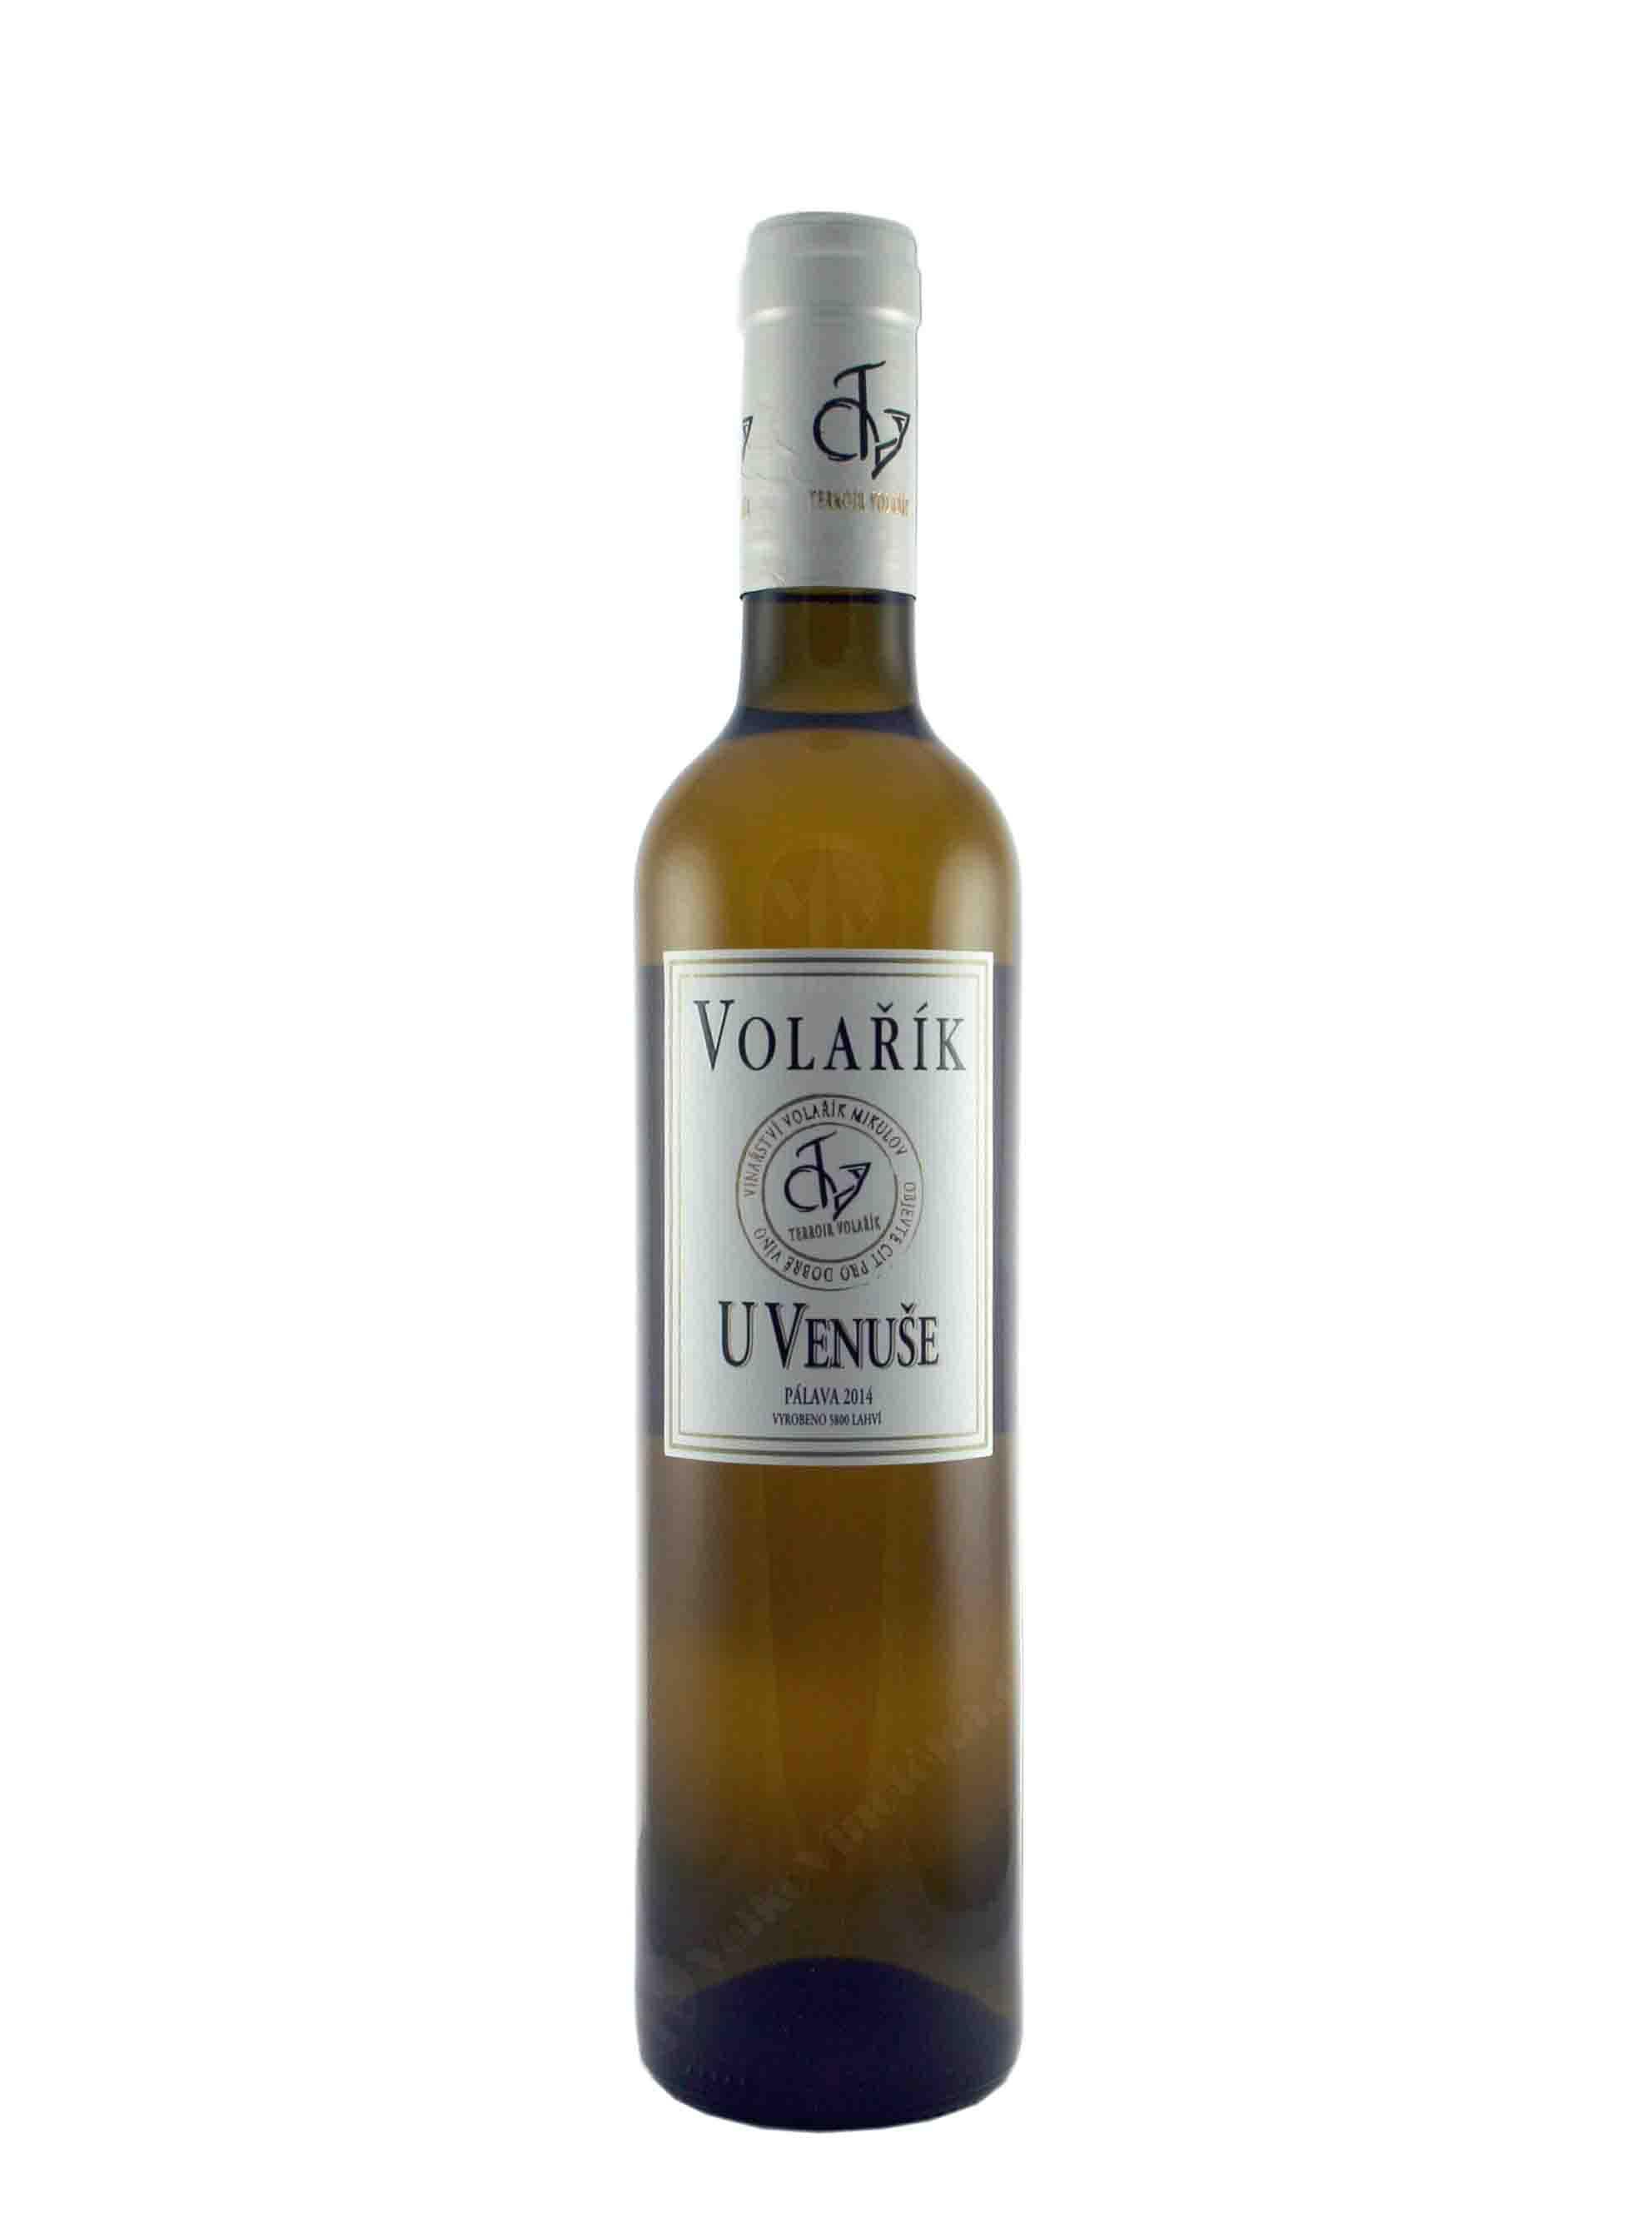 Pálava, Terroir U Venuše, Výběr z bobulí, 2014, Vinařství Volařík, 0.5 l